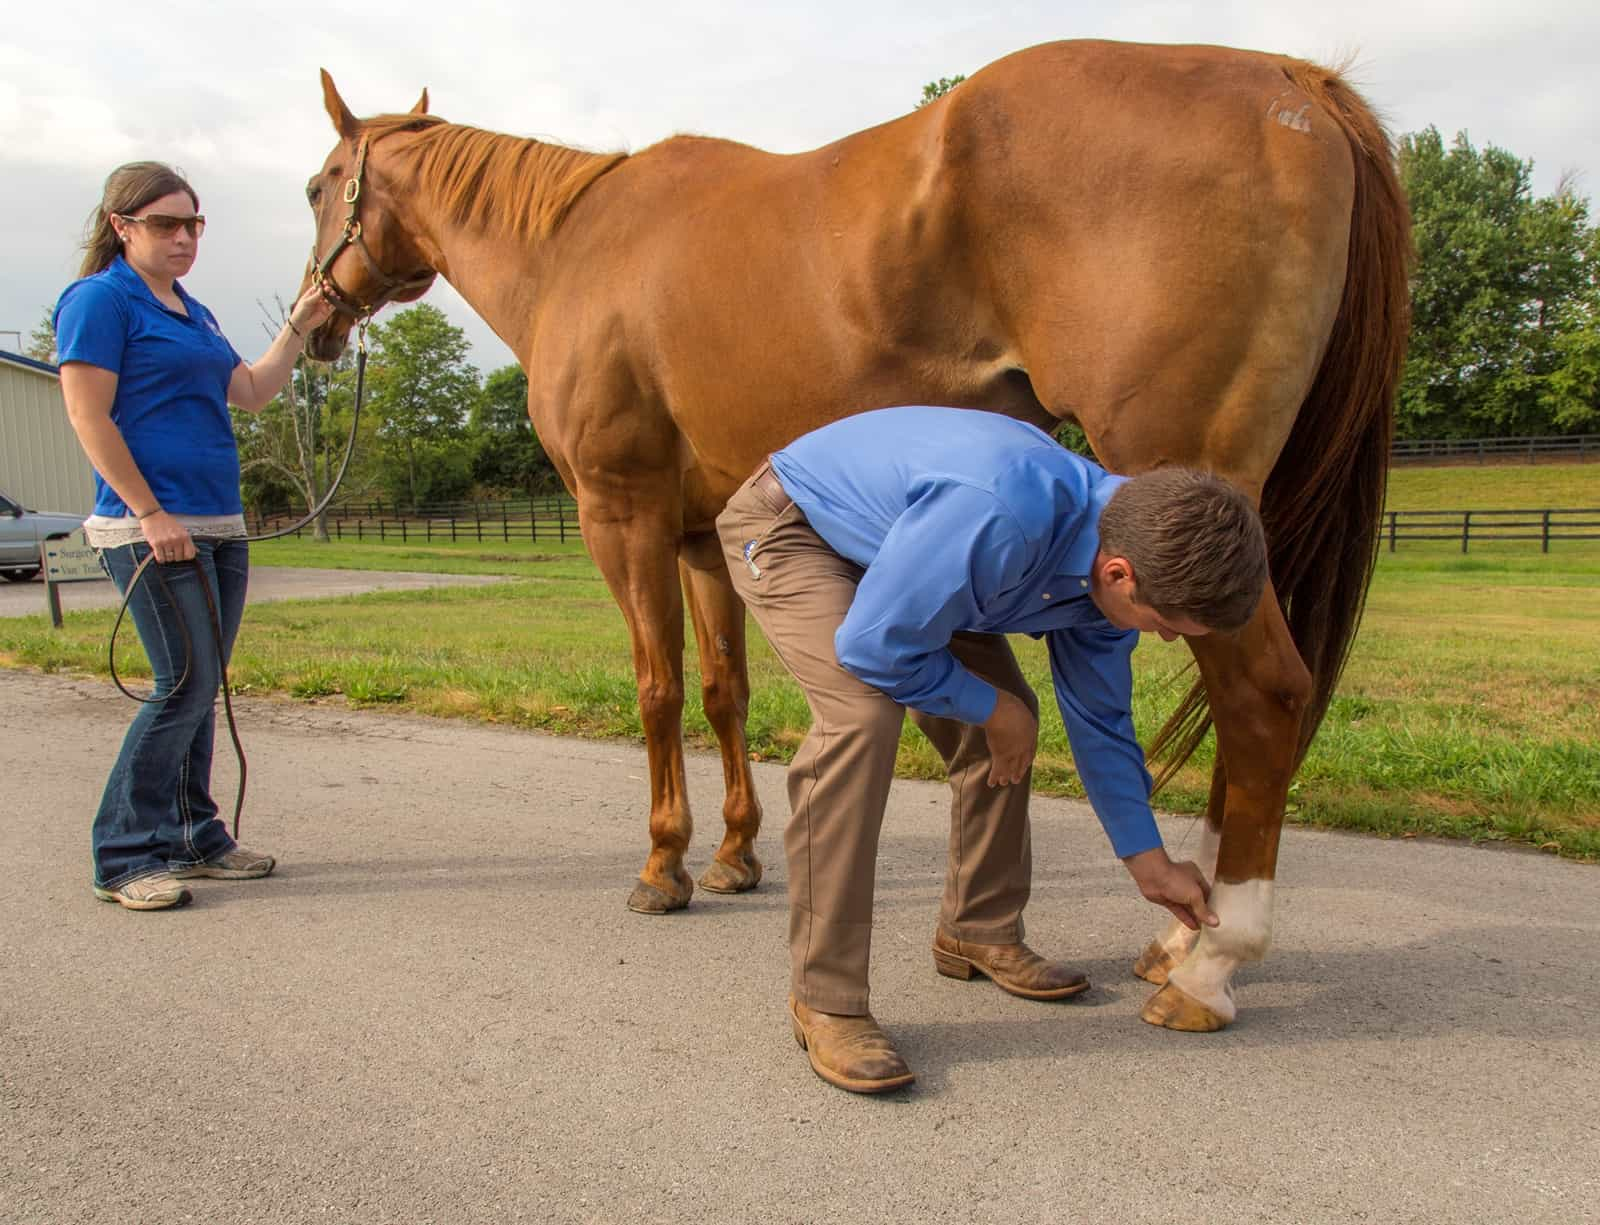 Safe Horse Handling for Vet Visits – The Horse